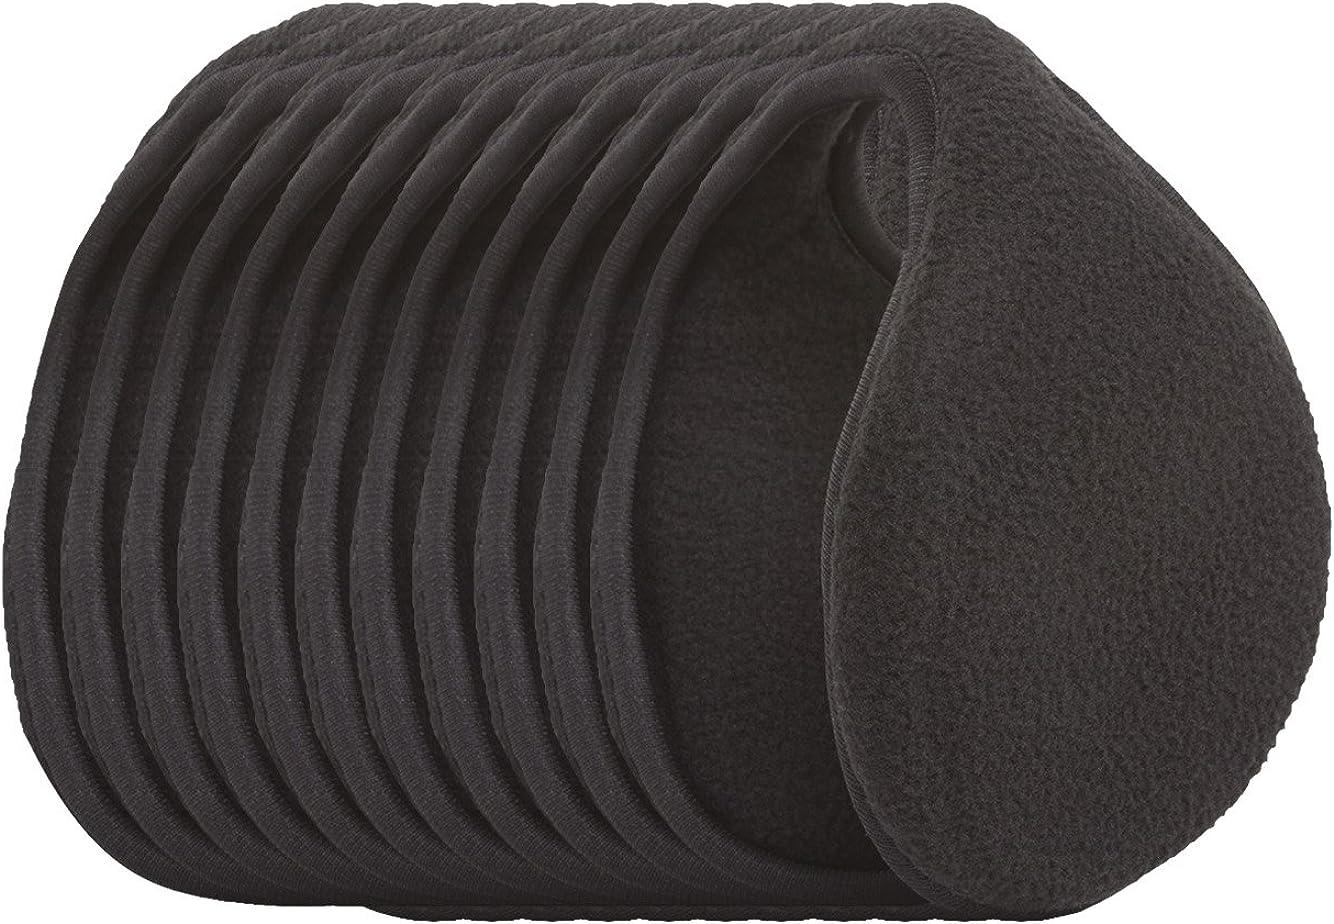 Cozy Earmuff 10 Pieces, Black